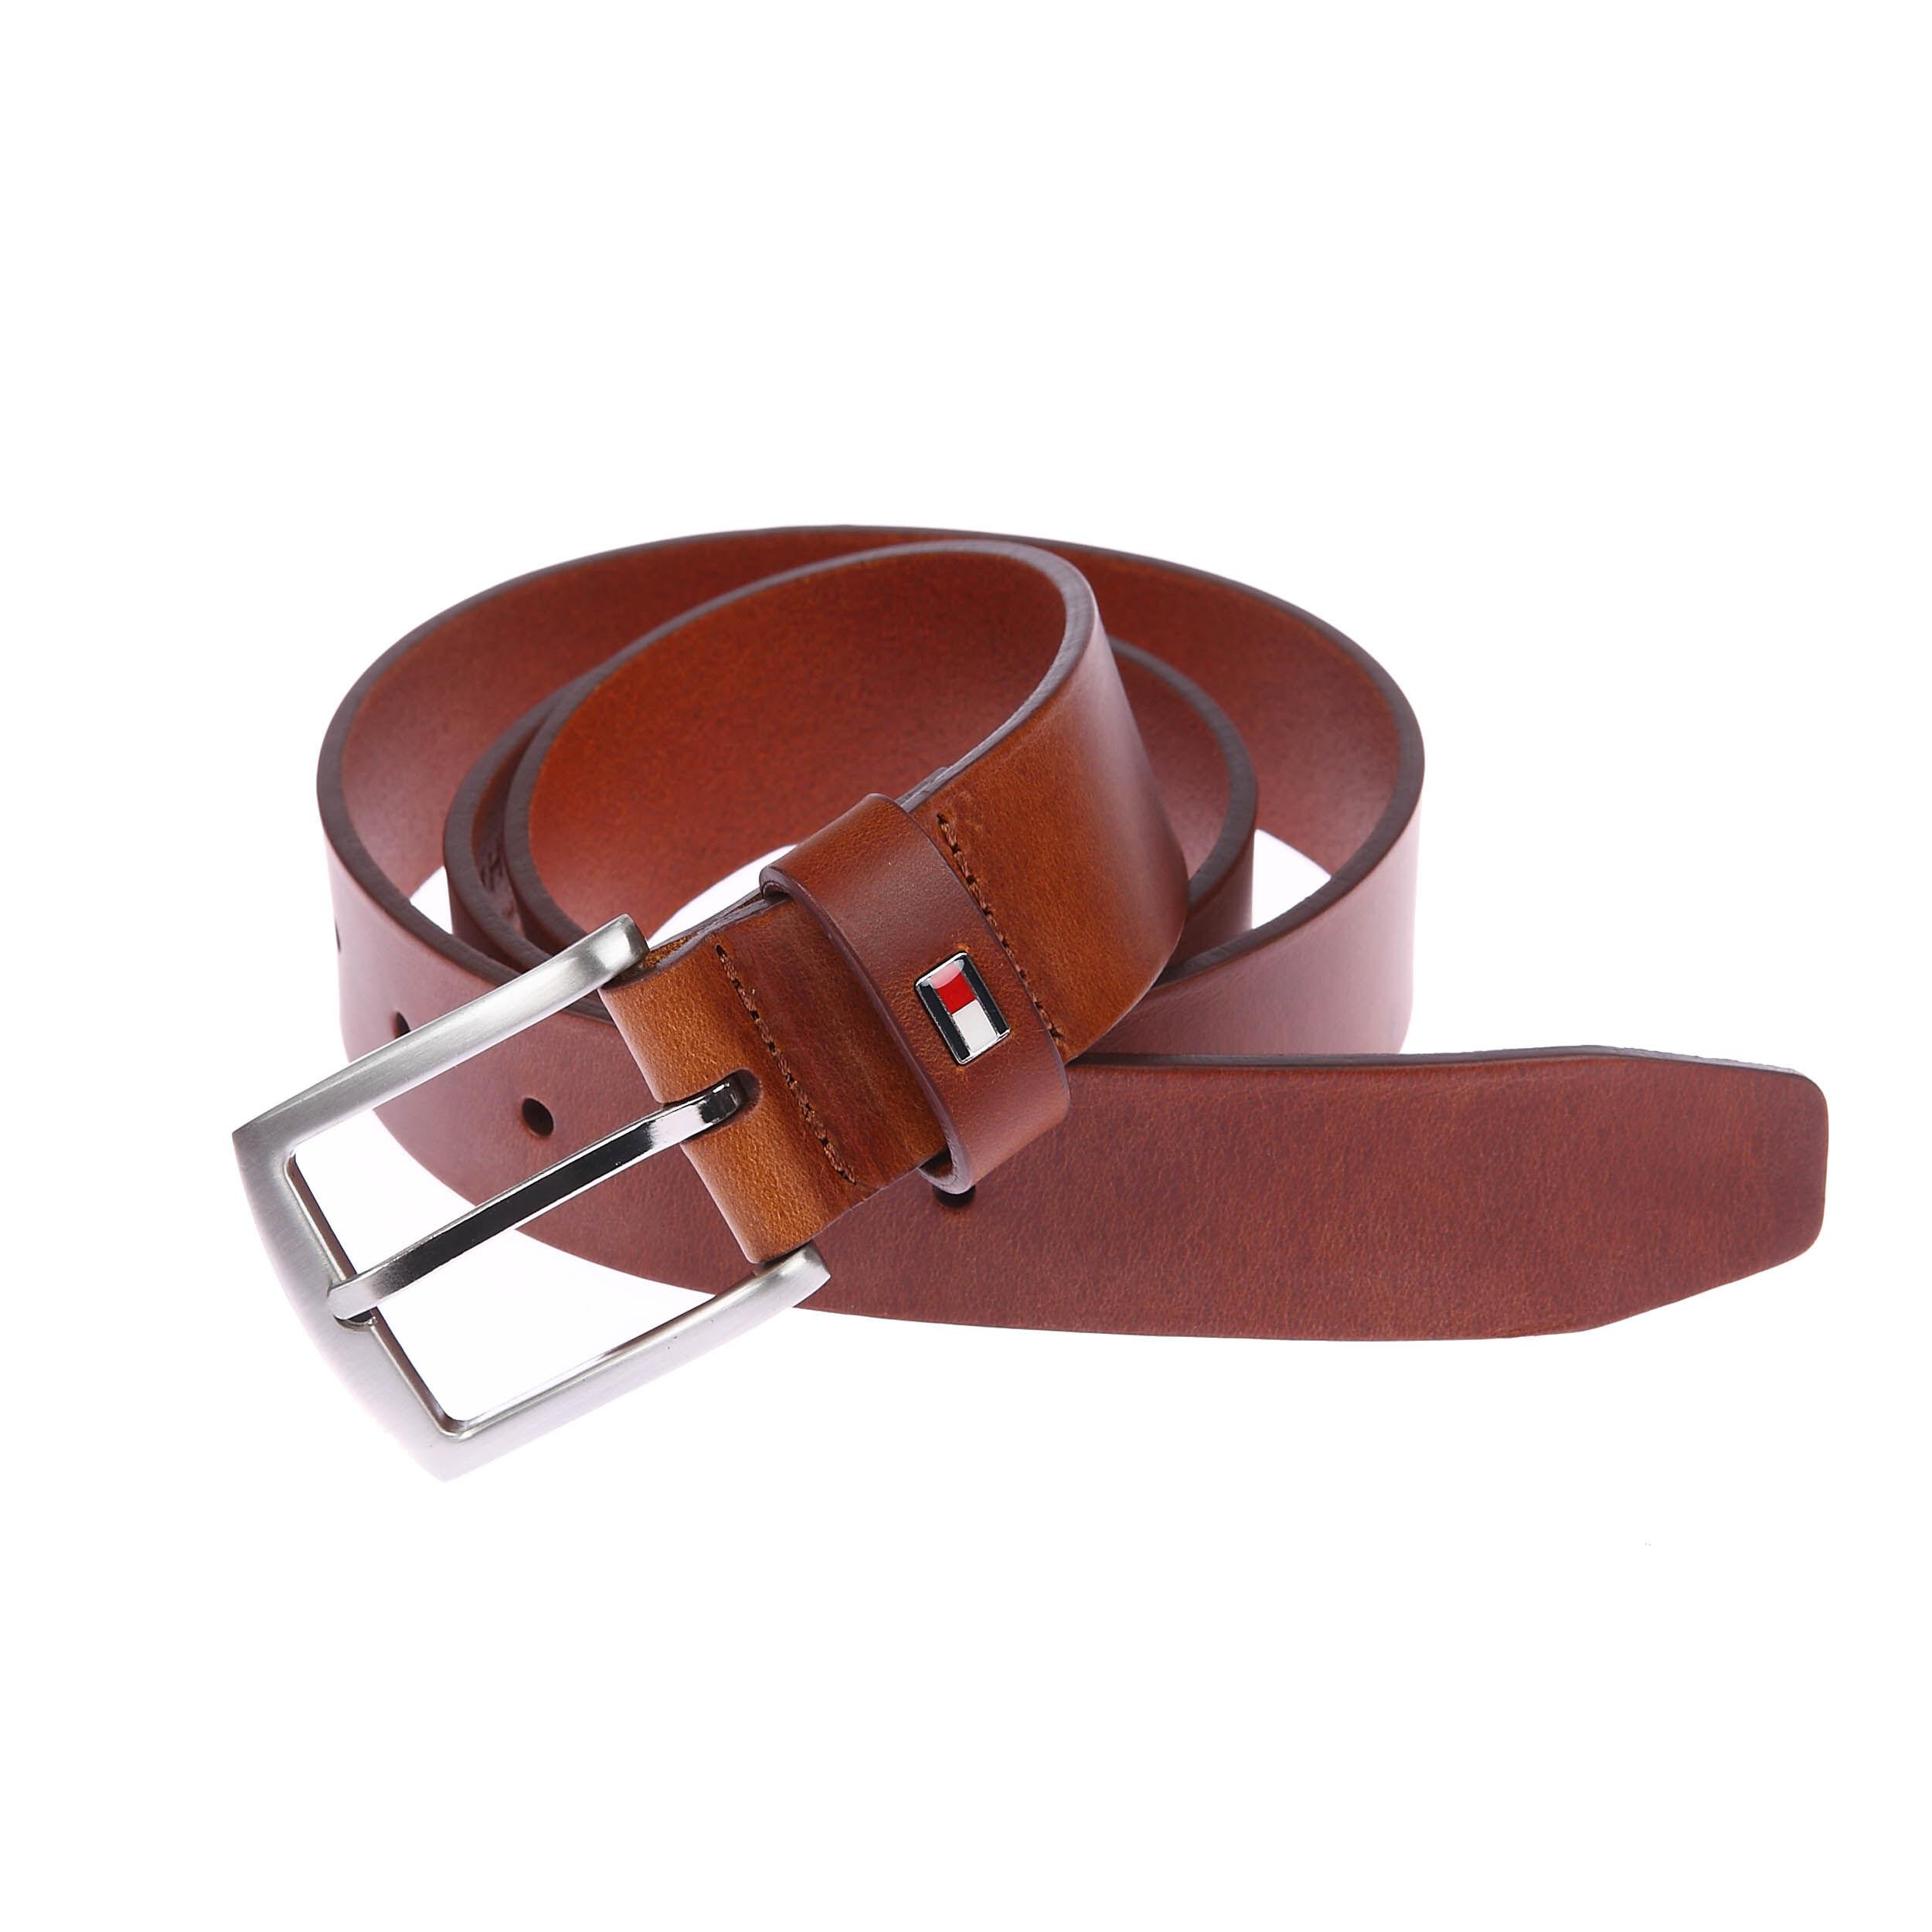 Tommy Hilfiger Accessoires Ceinture New Denton Tommy Hilfiger en cuir marron clair à boucle argentée classique - MARRON - 85 cm